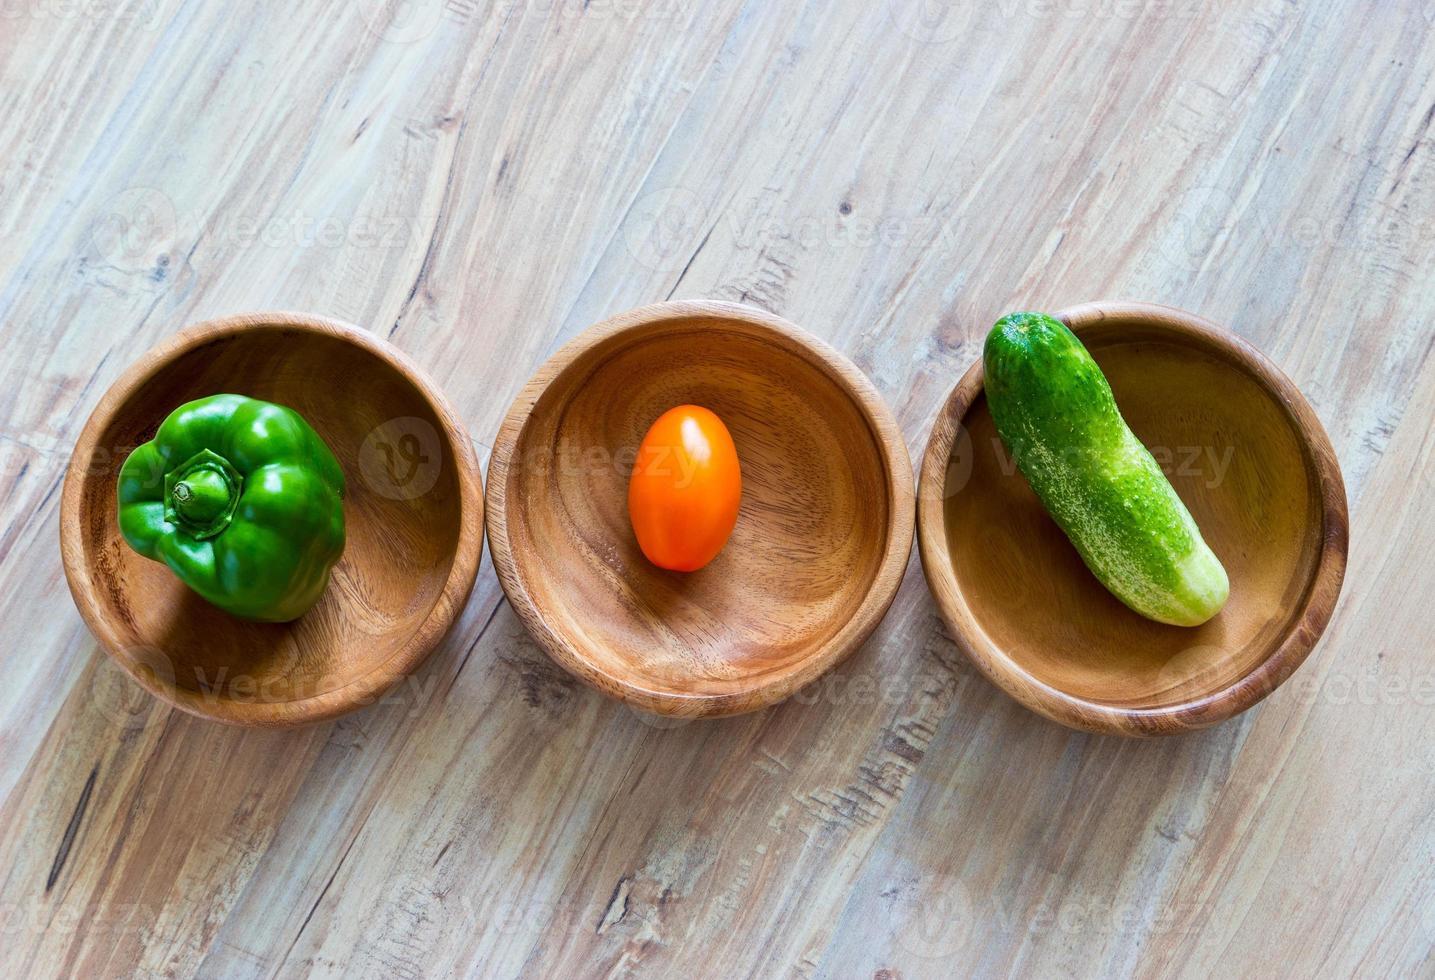 verduras frescas en cuencos de madera en una fila foto